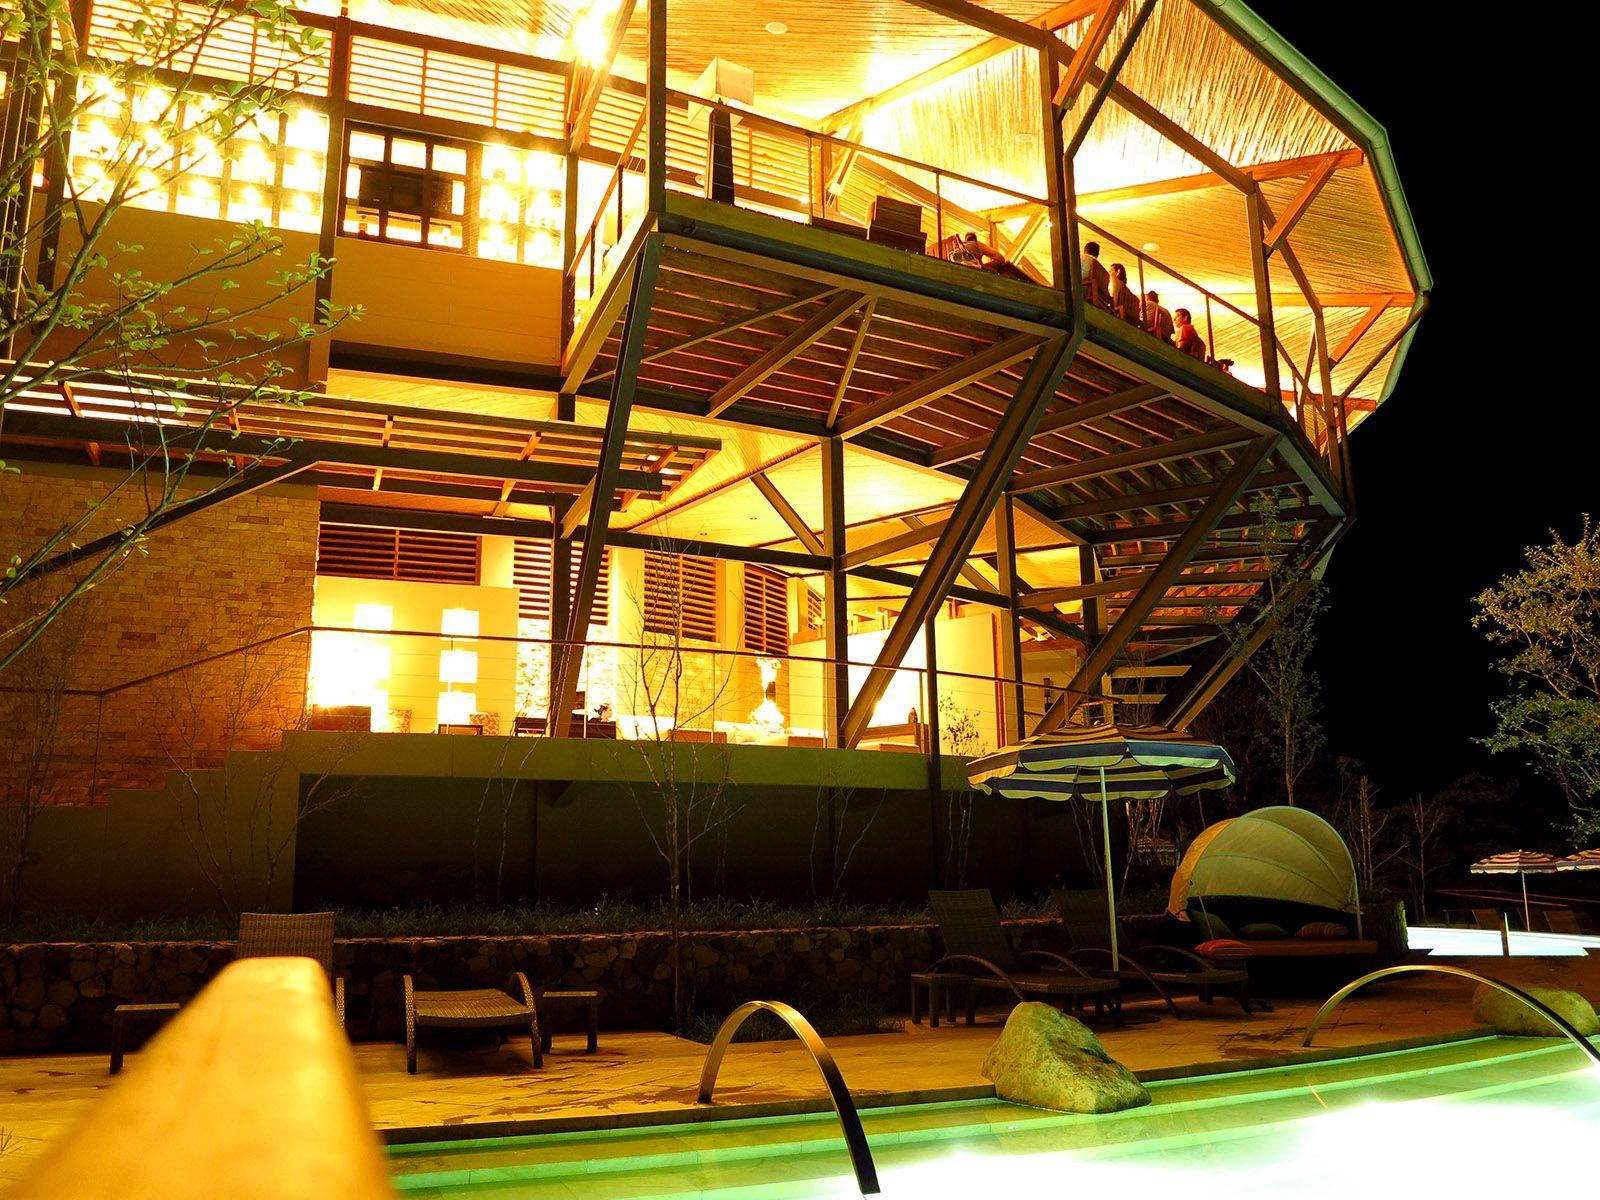 wp-content/uploads/lodging/Costa-Rica/rio-perdido-outside-2.jpg